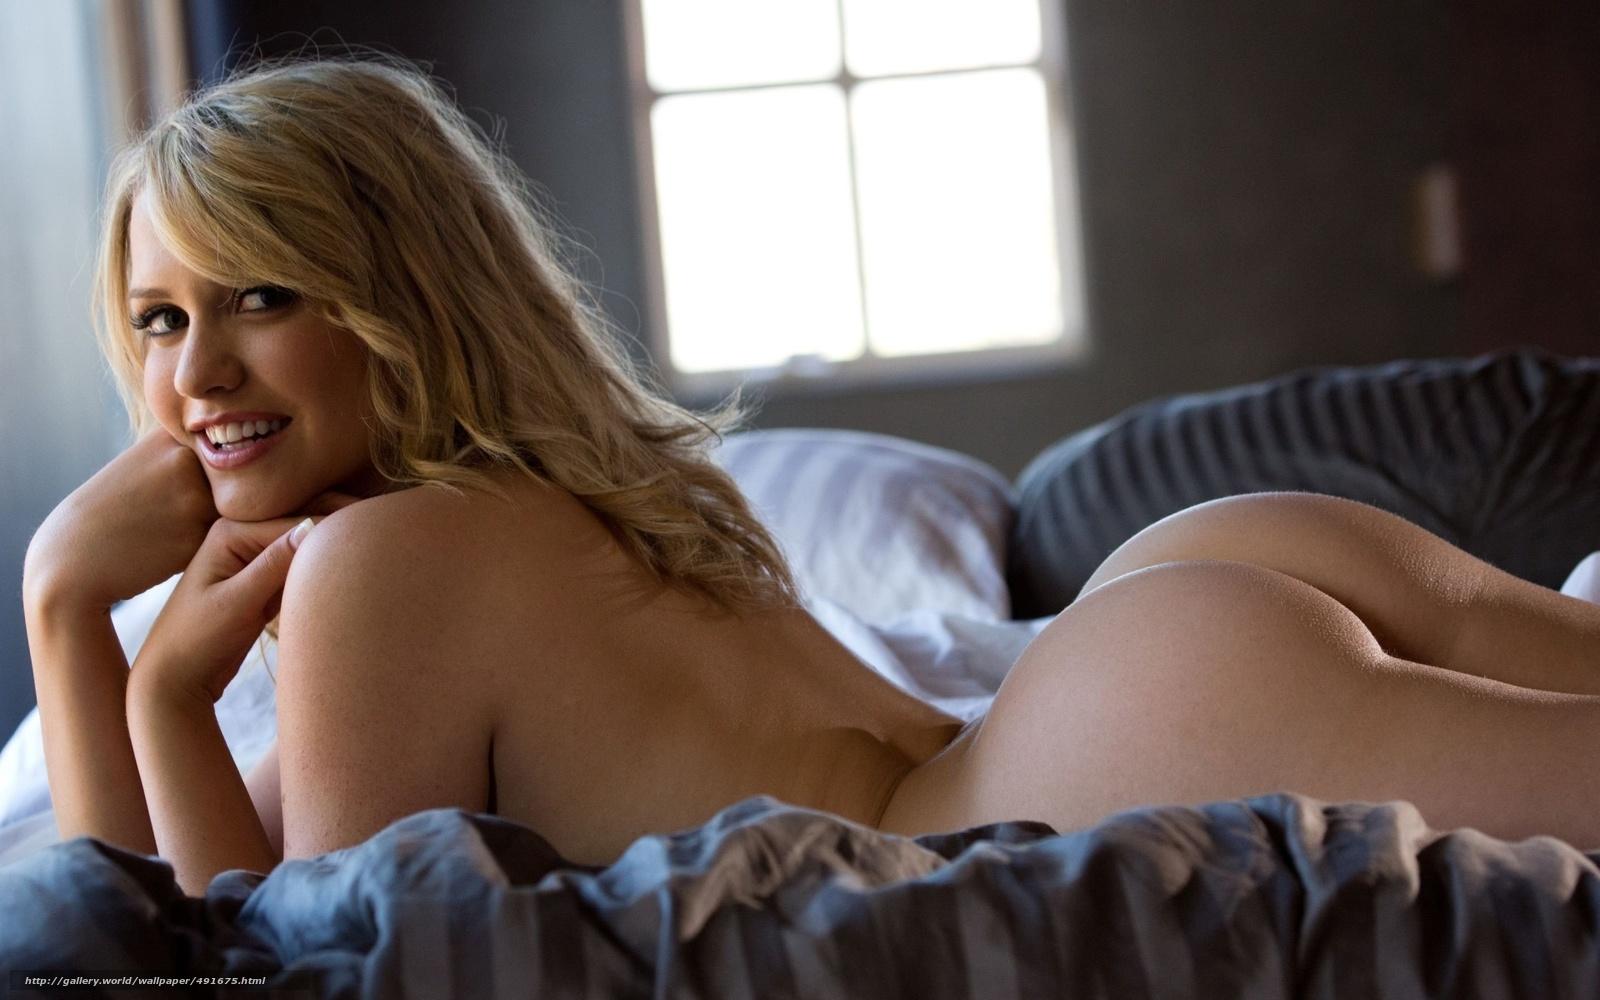 Эро фото с адрианой малковой смотреть онлайн бесплатно 15 фотография